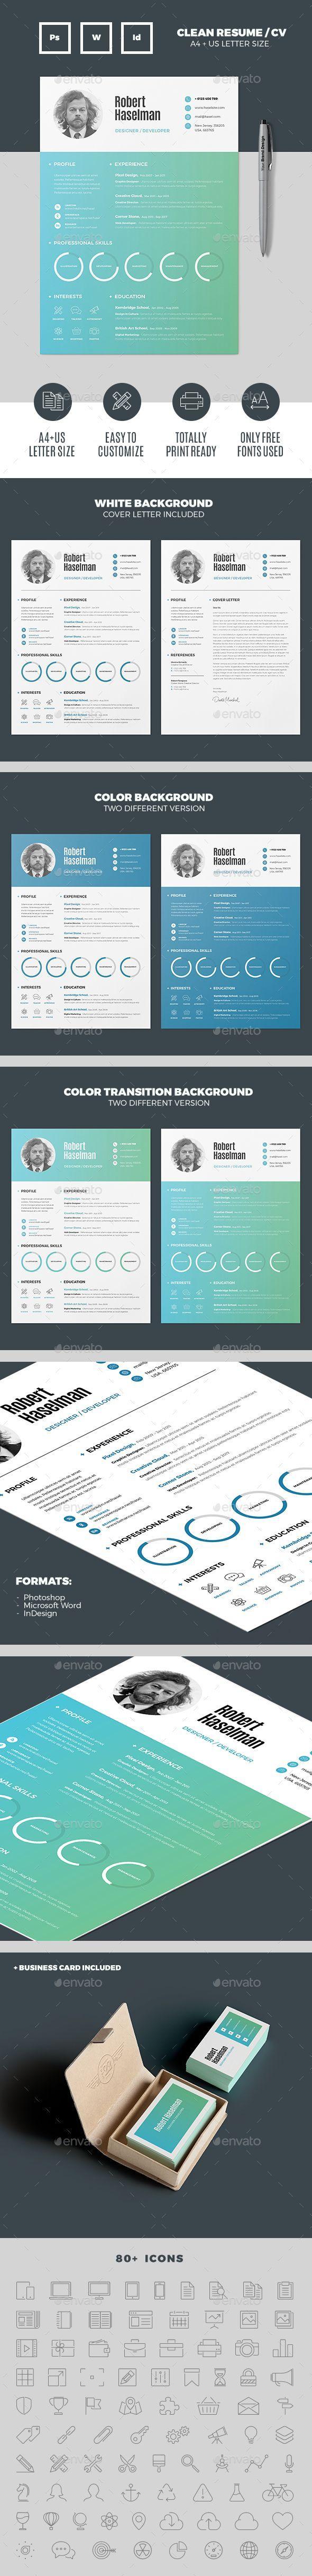 245 best Gestaltung: Bewerbungen images on Pinterest | Resume ...